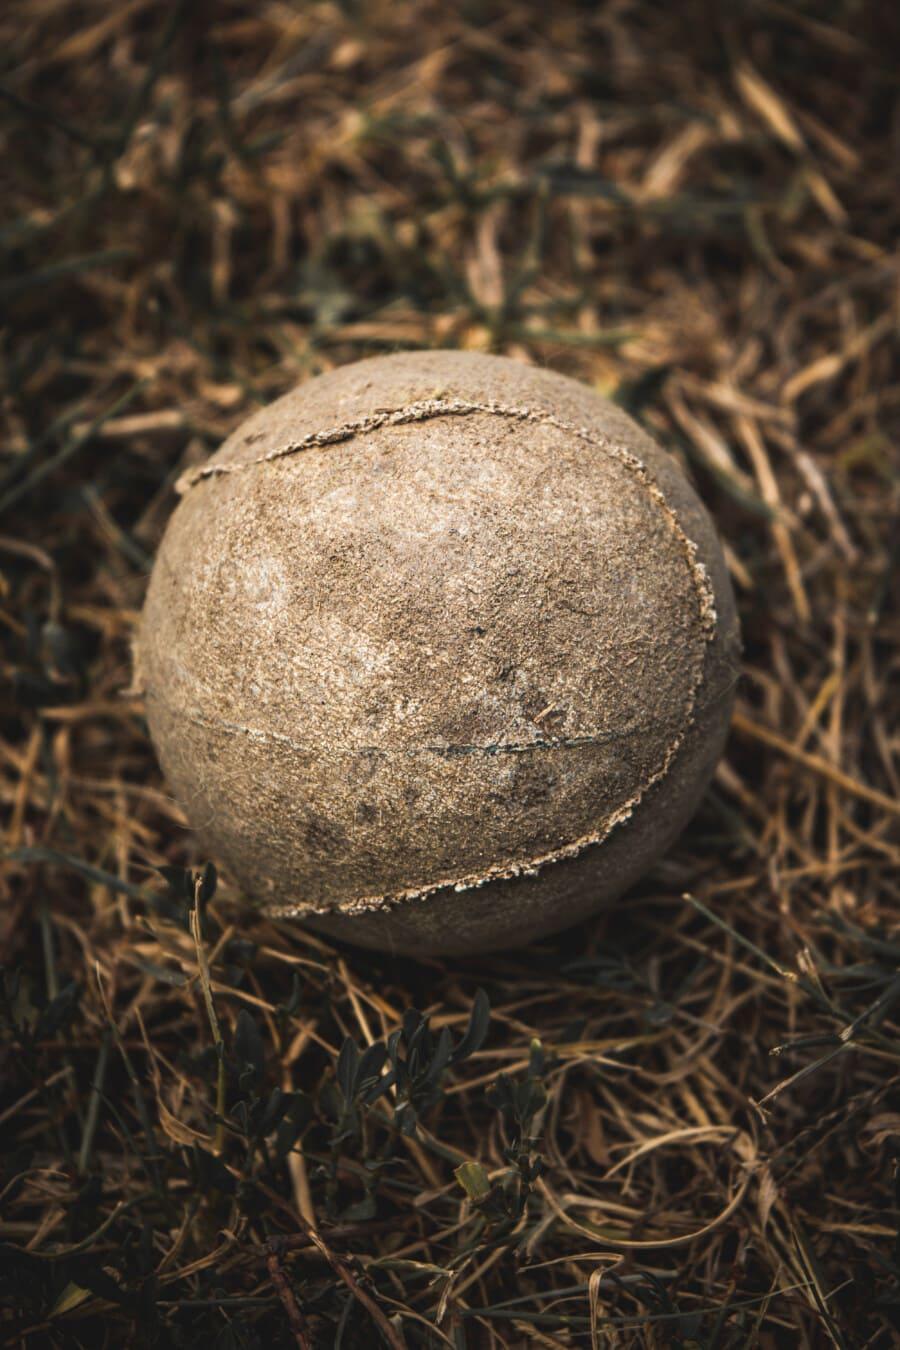 Ball, remise en conformité, carie, tennis, vintage, sol, herbe, sport, jeu, sol